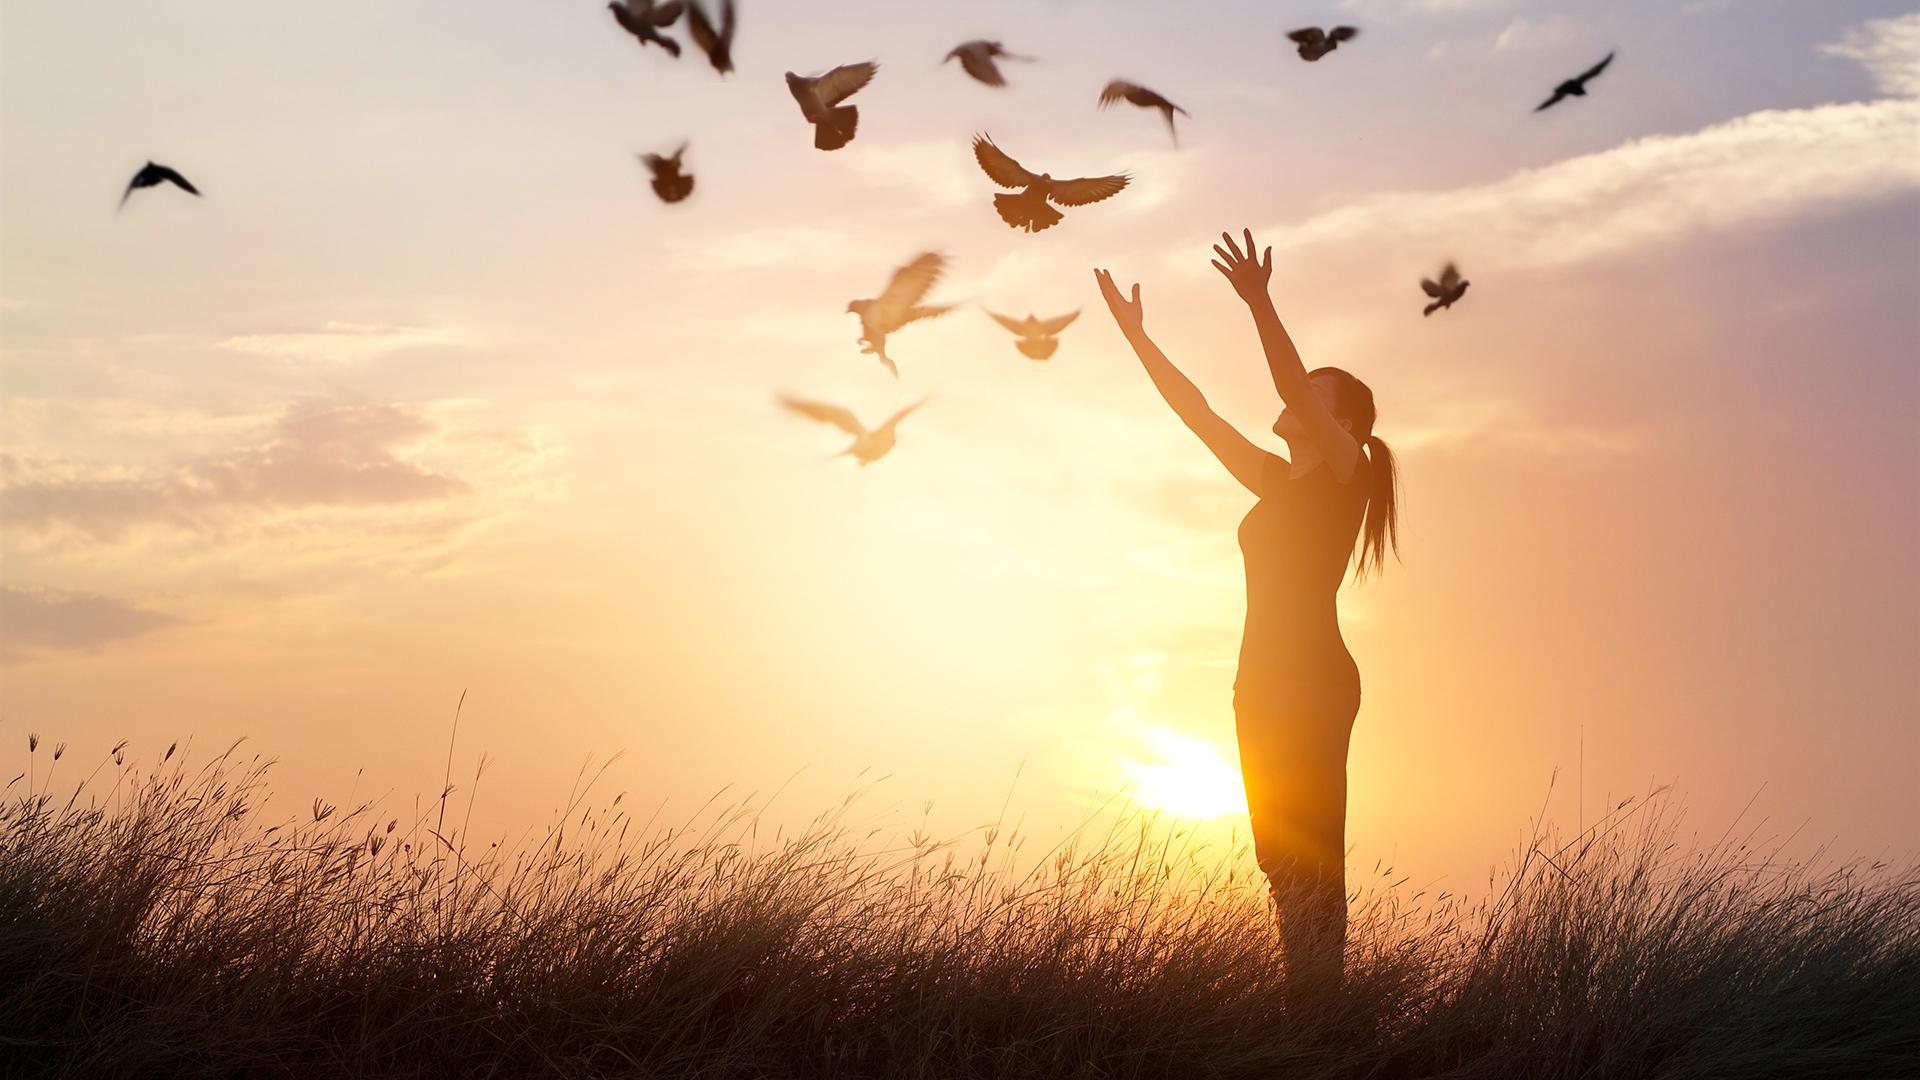 一度きりの人生だから、自分の手でほんとうの自由と幸せを手に入れよう